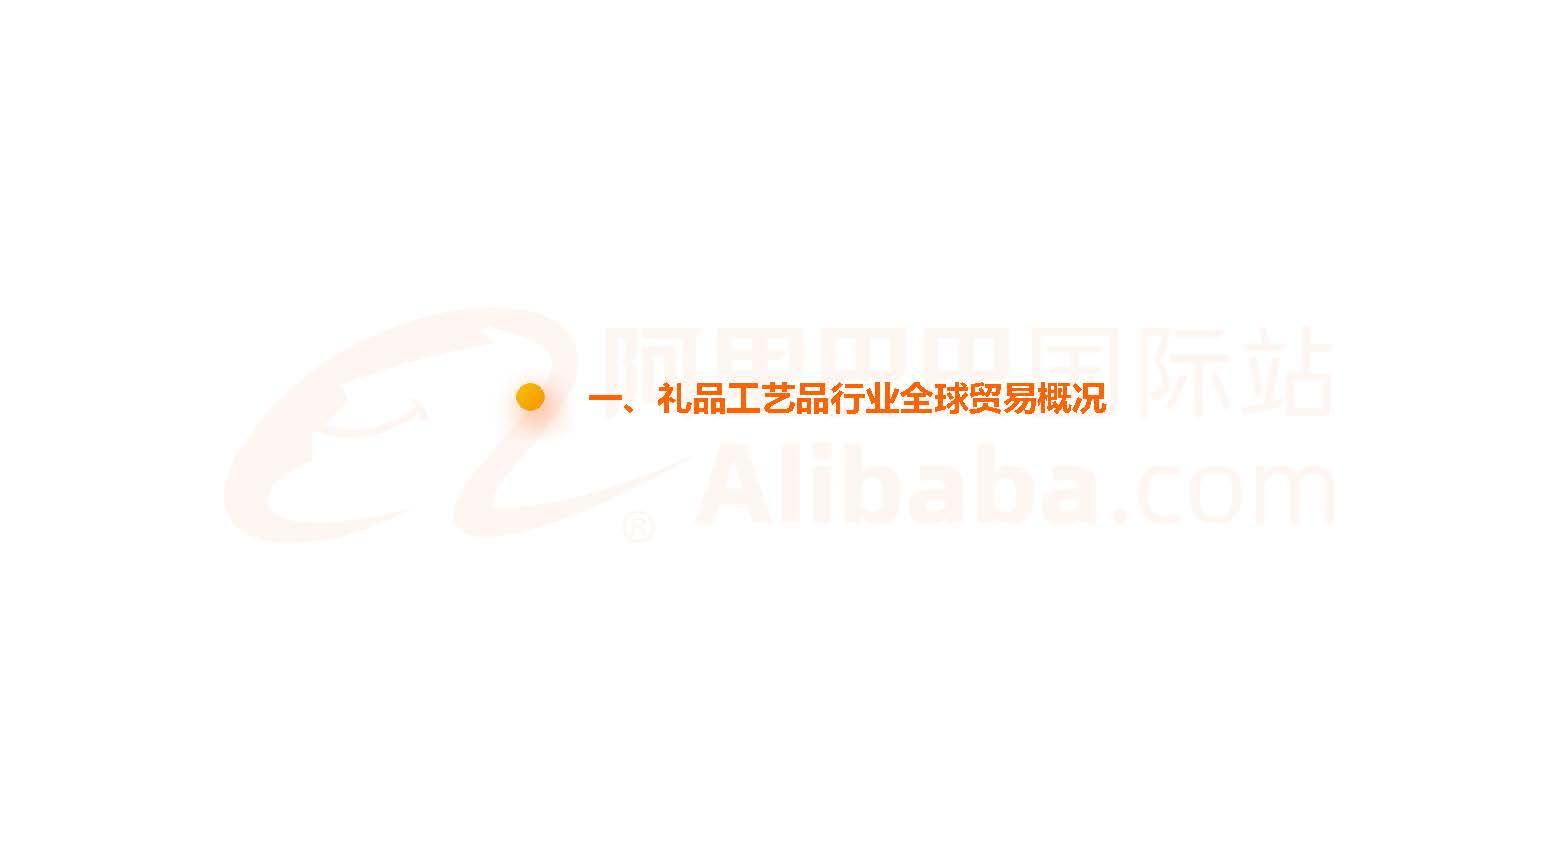 禮研報_頁面_03.jpg